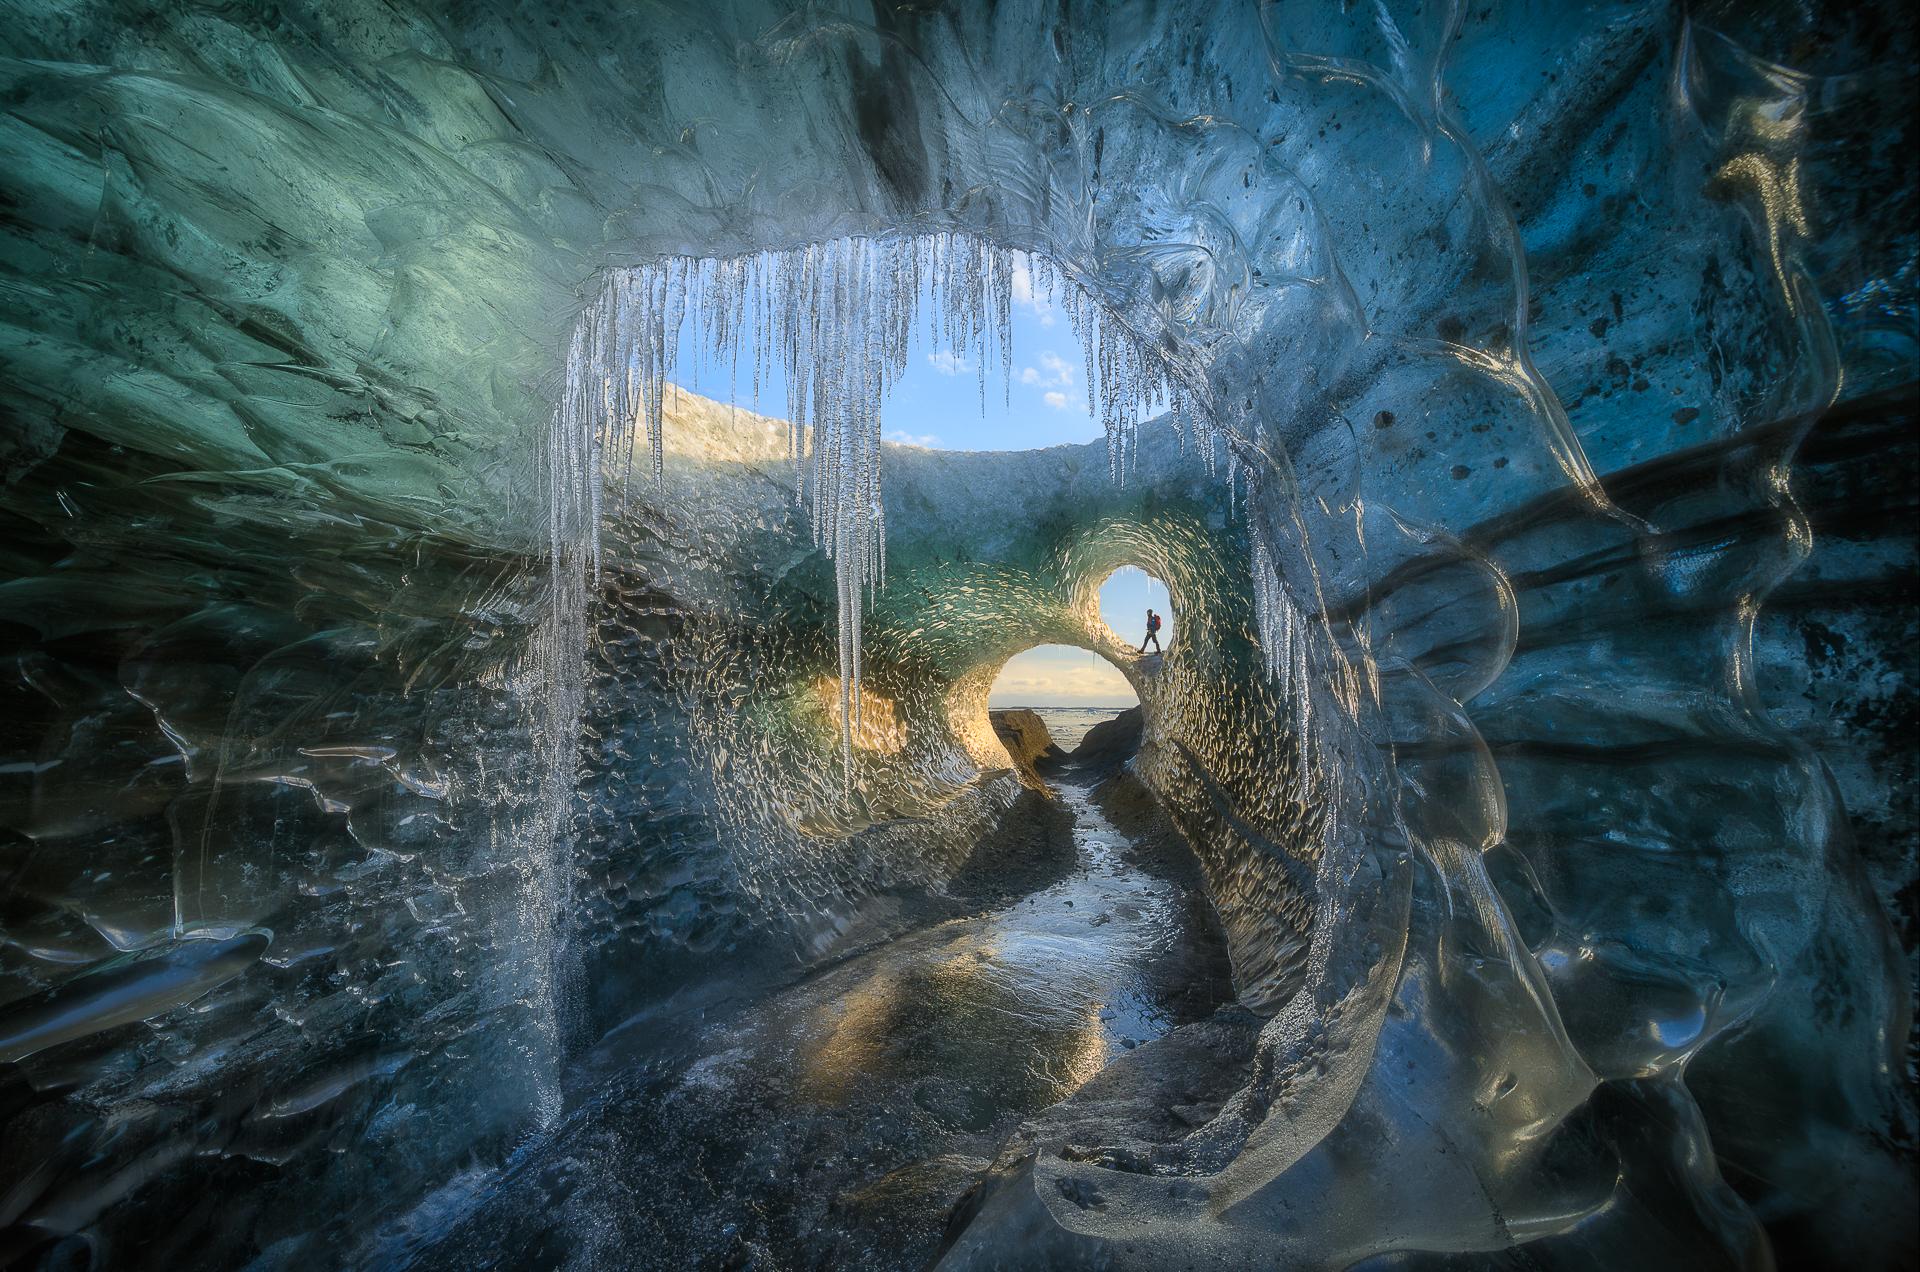 4-дневный фототур: cеверное сияние и ледяные пещеры